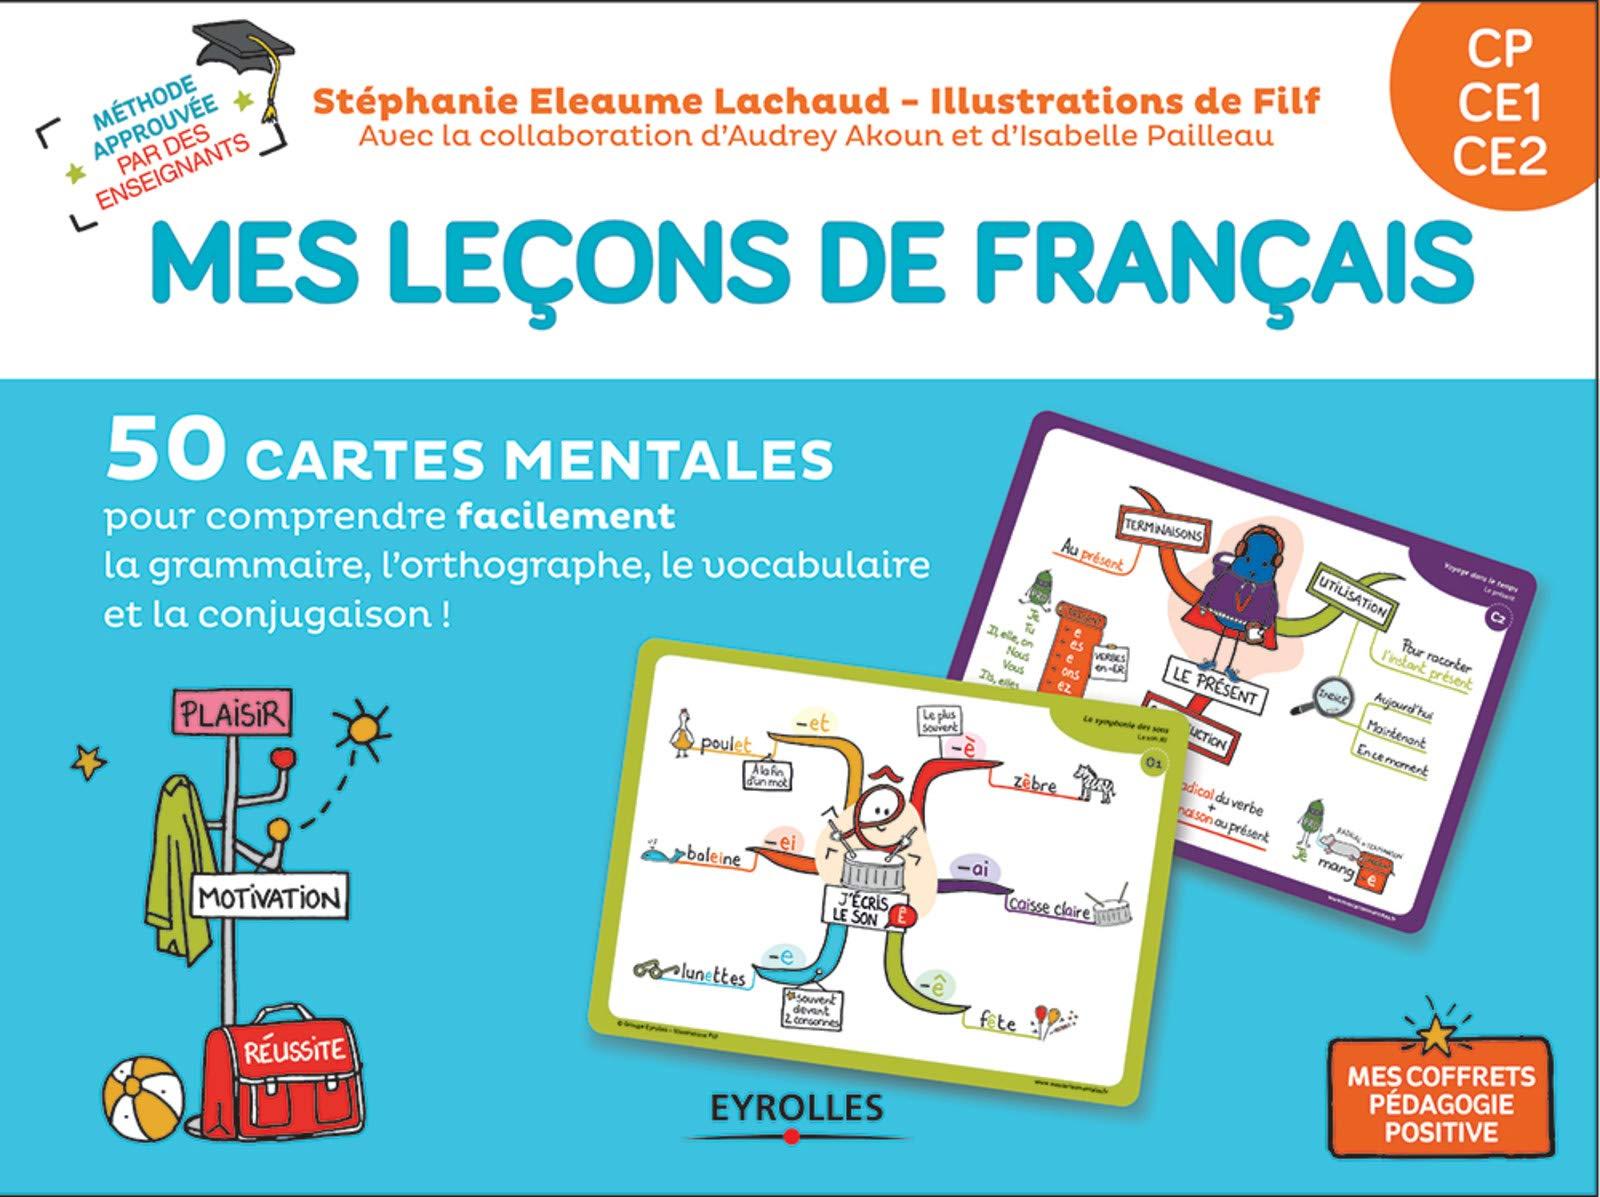 Mes leçons de français CP CE1 CE2 : 50 cartes mentales (grammaire, orthographe, conjugaison, vocabulaire)